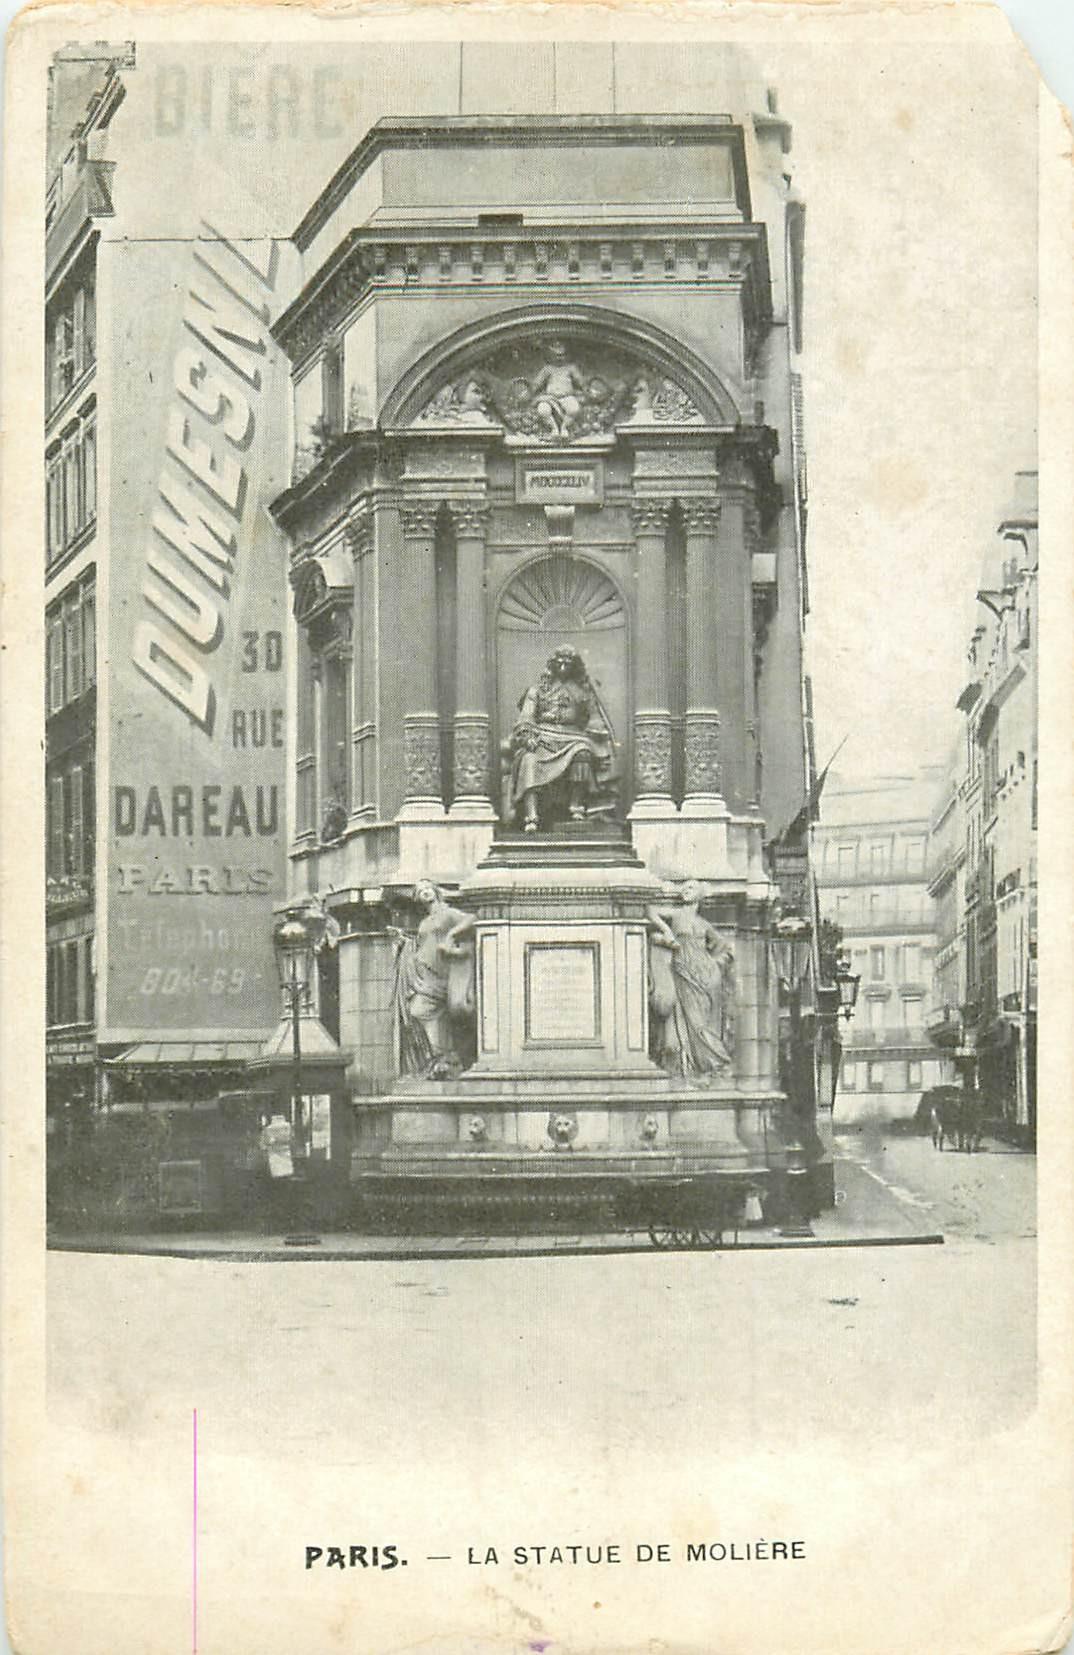 PARIS 14 Statue de Molière au 30 rue Dareau. Publicité murale Bière Dumesnil (défaut)